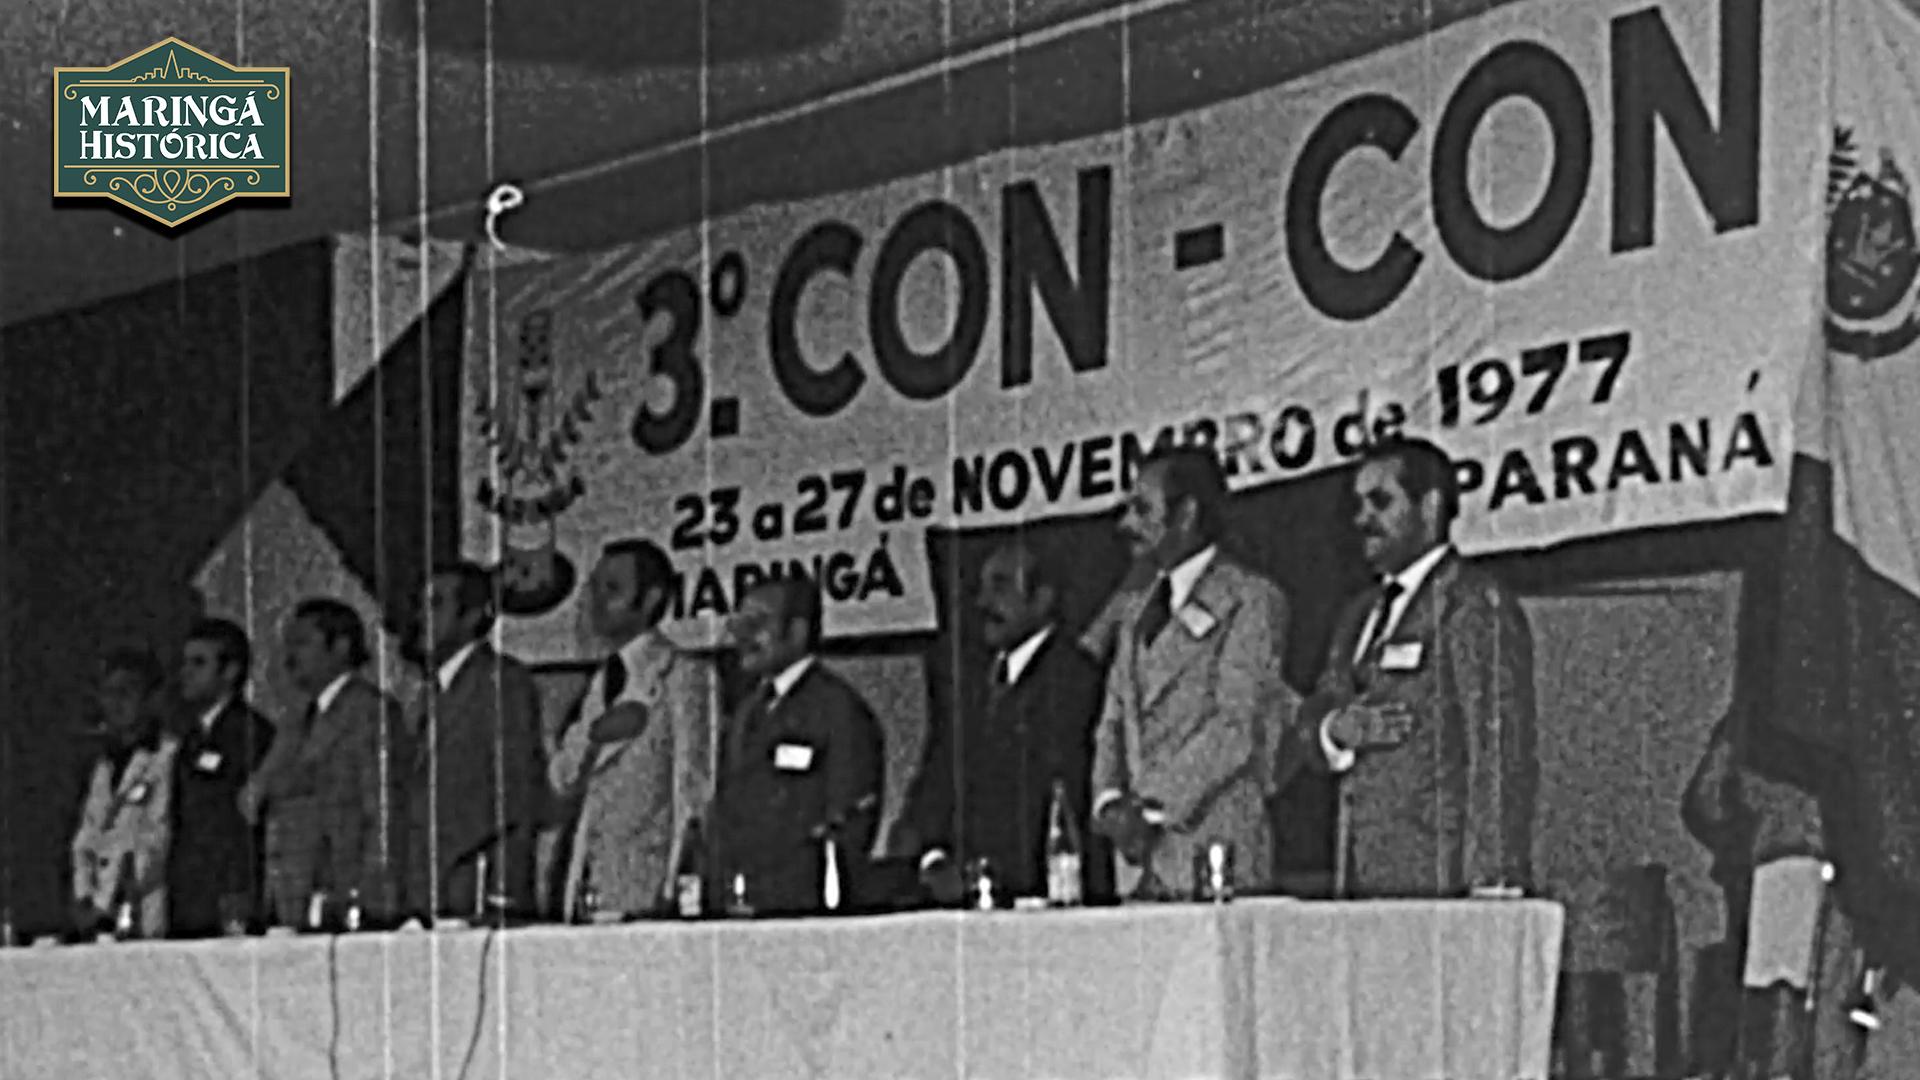 RARIDADE - Abertura da 3ª Convenção de Contabilistas do Paraná 1977